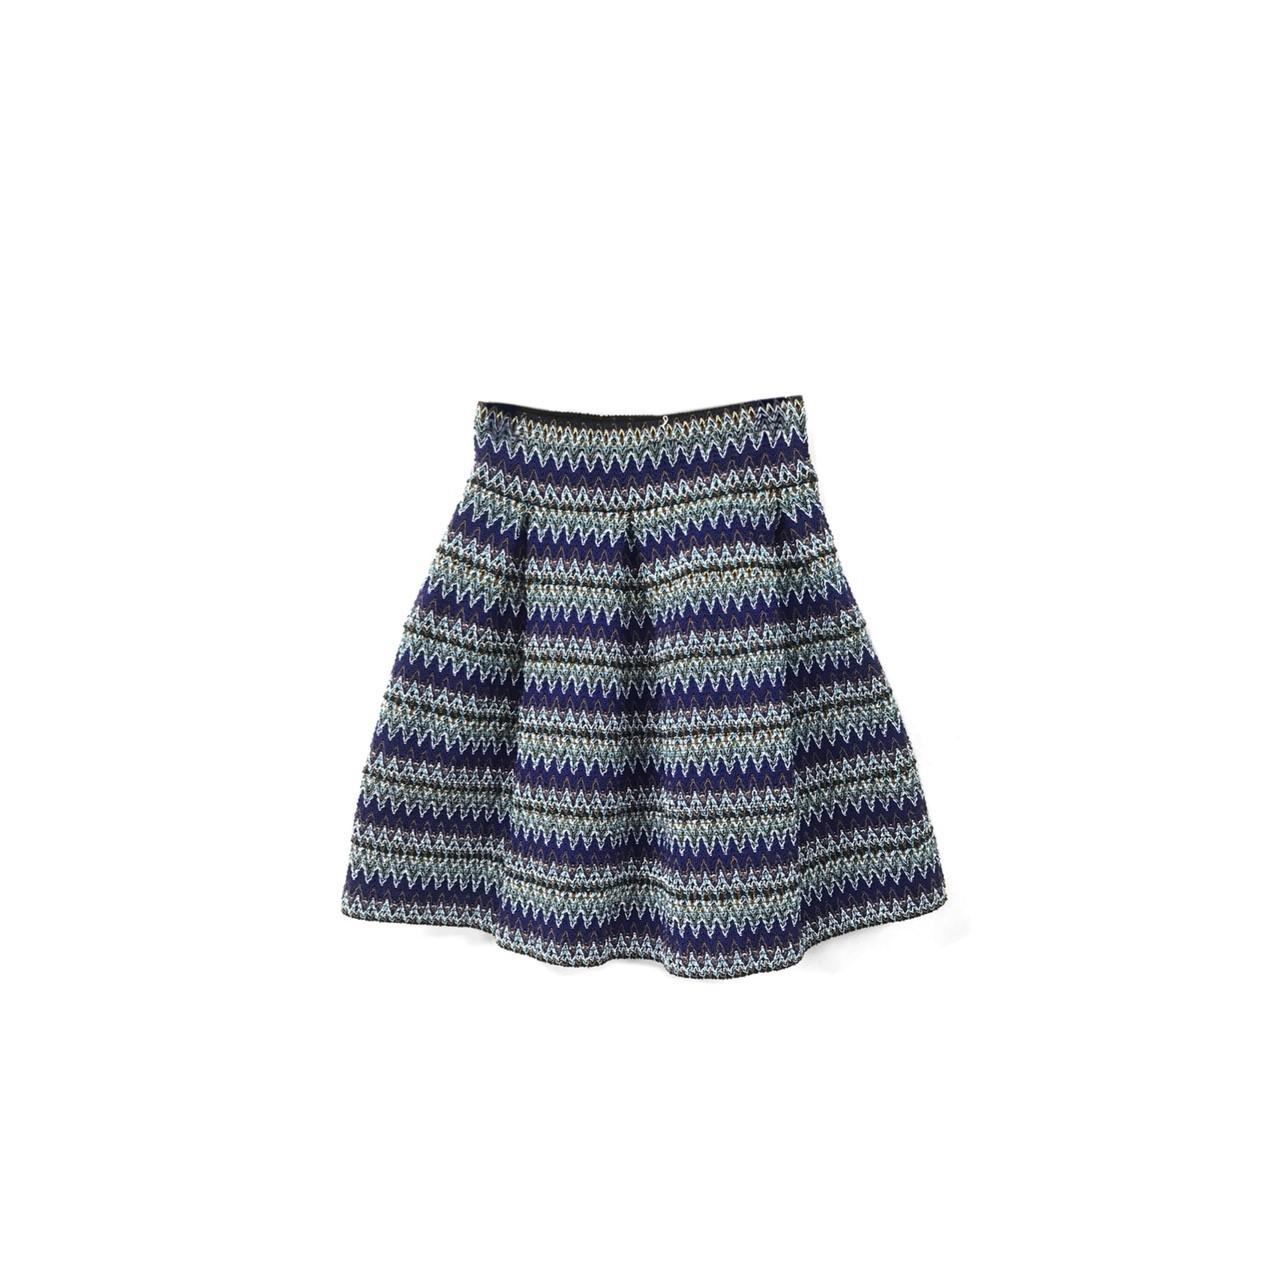 USED - Design Skirt ¥6000+tax→¥4200+tax